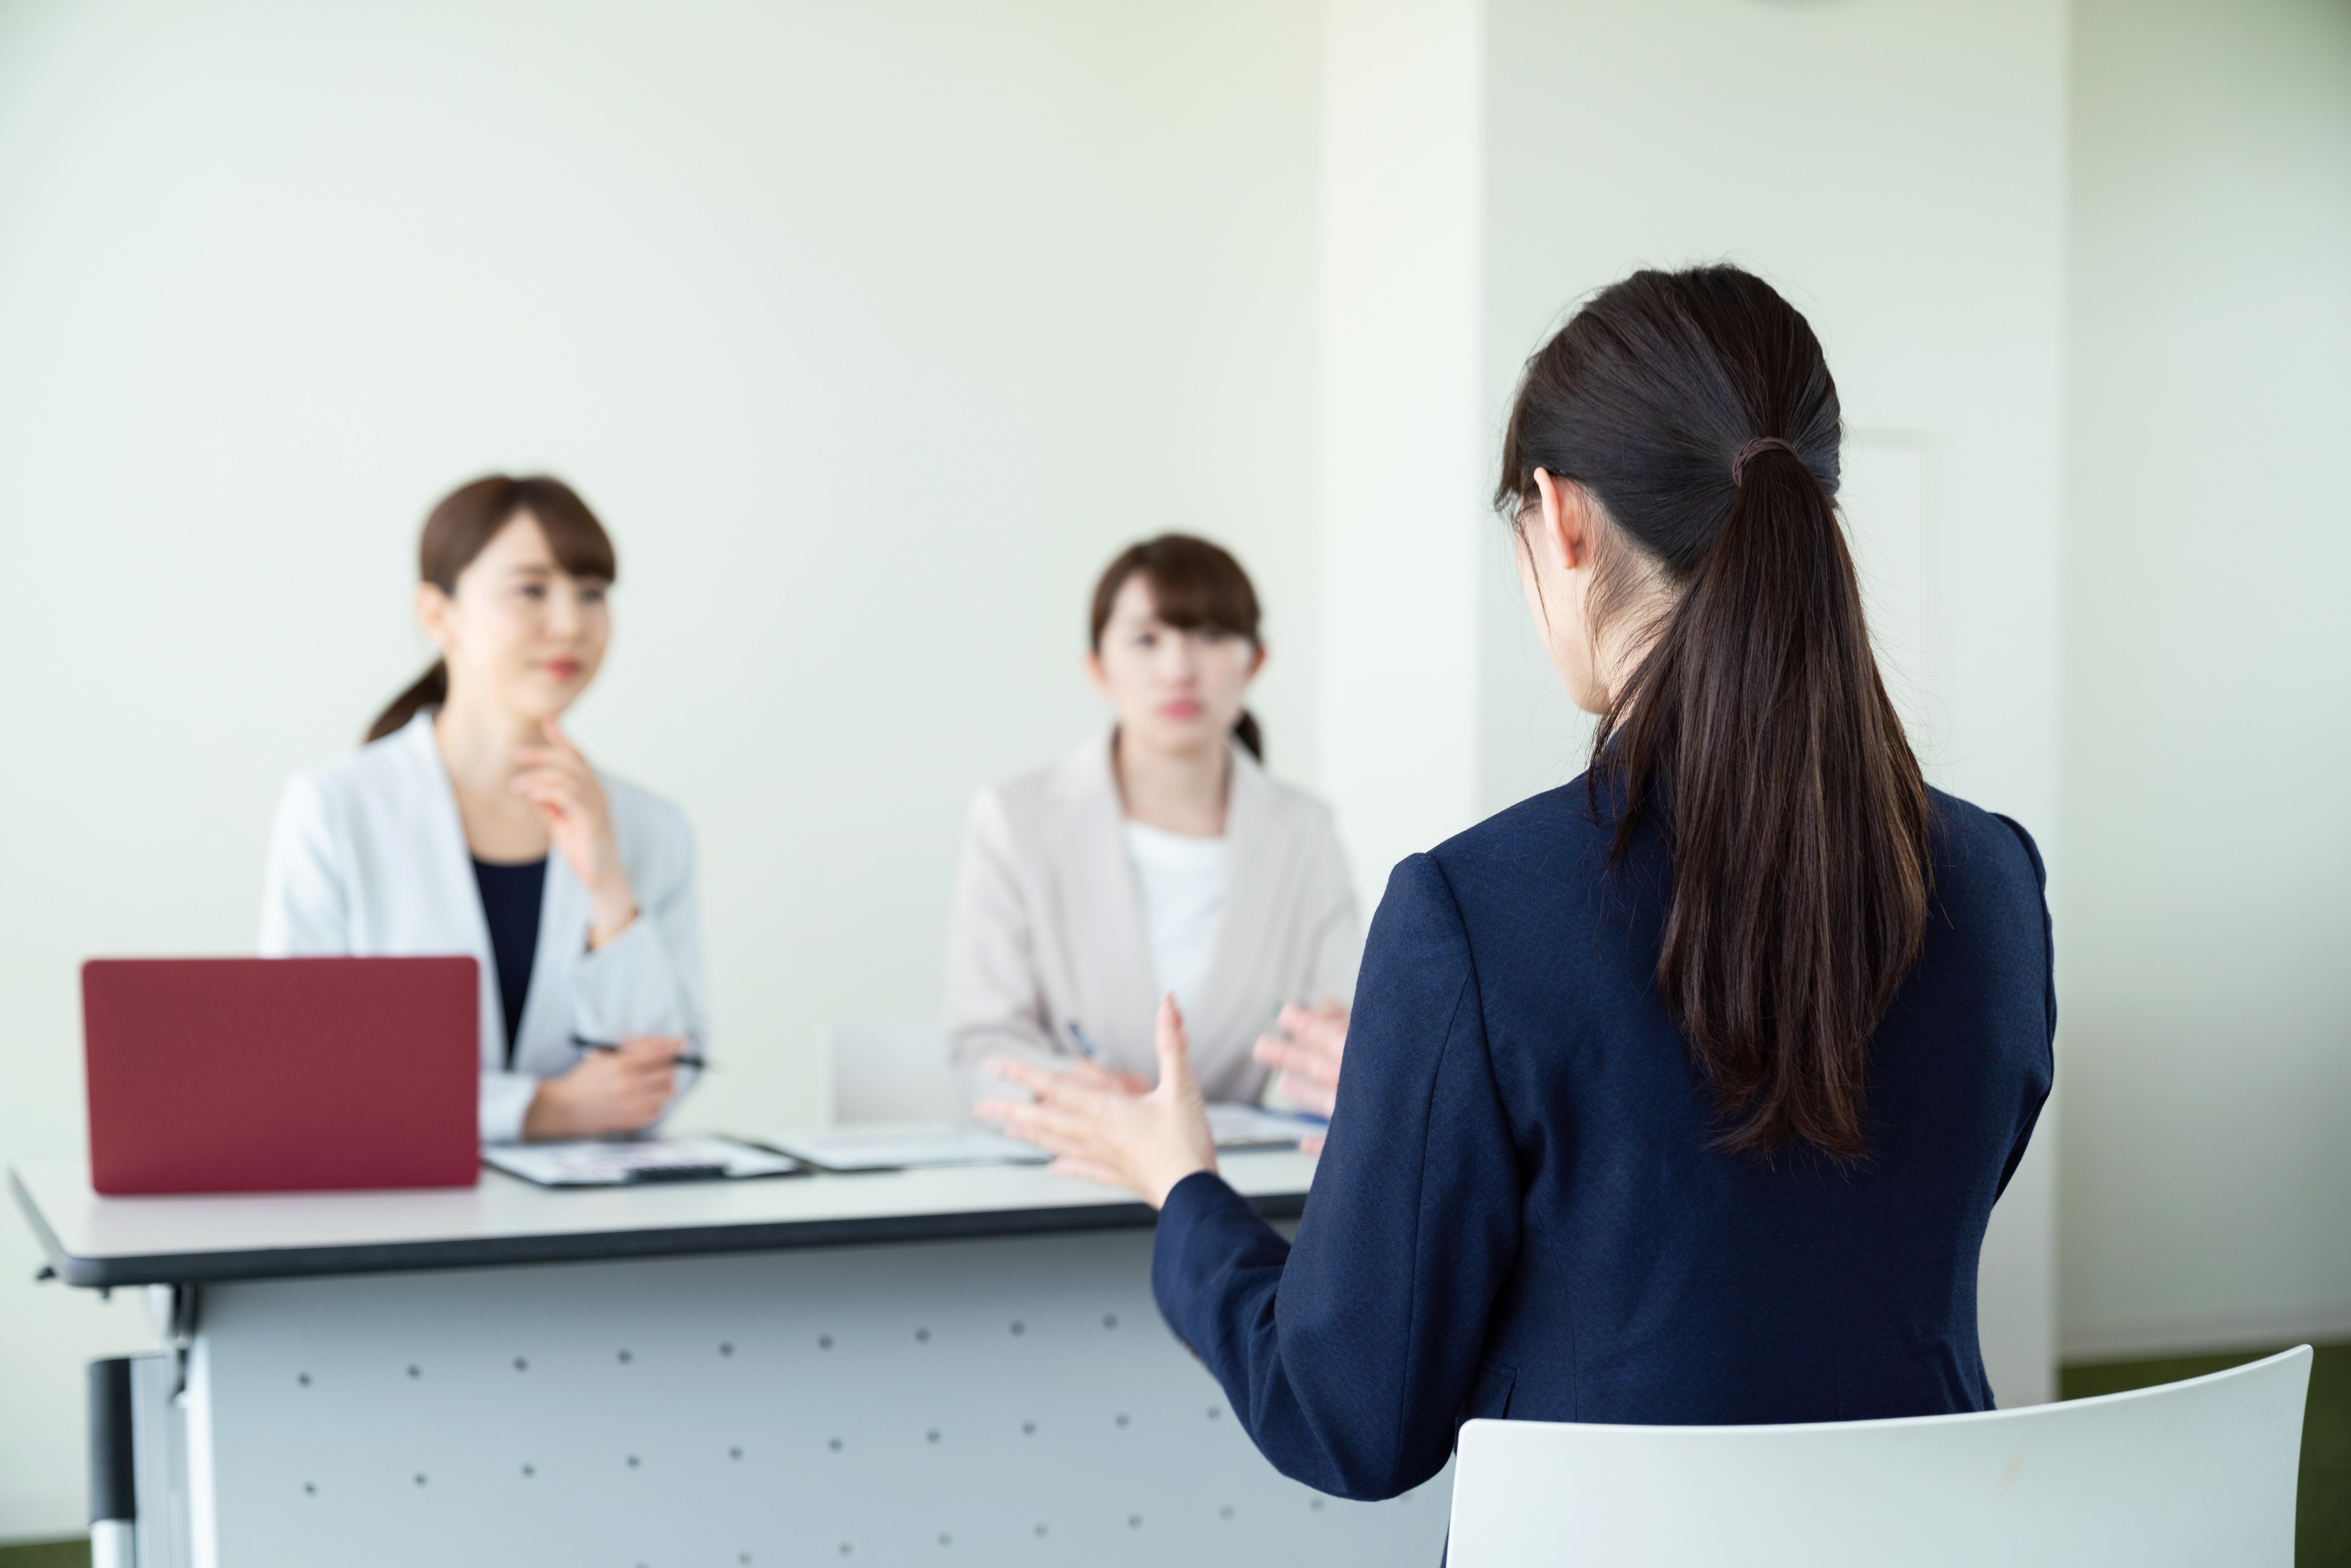 理想と現実のギャップに要注意!入社後に後悔しないための新卒の退職理由の知識